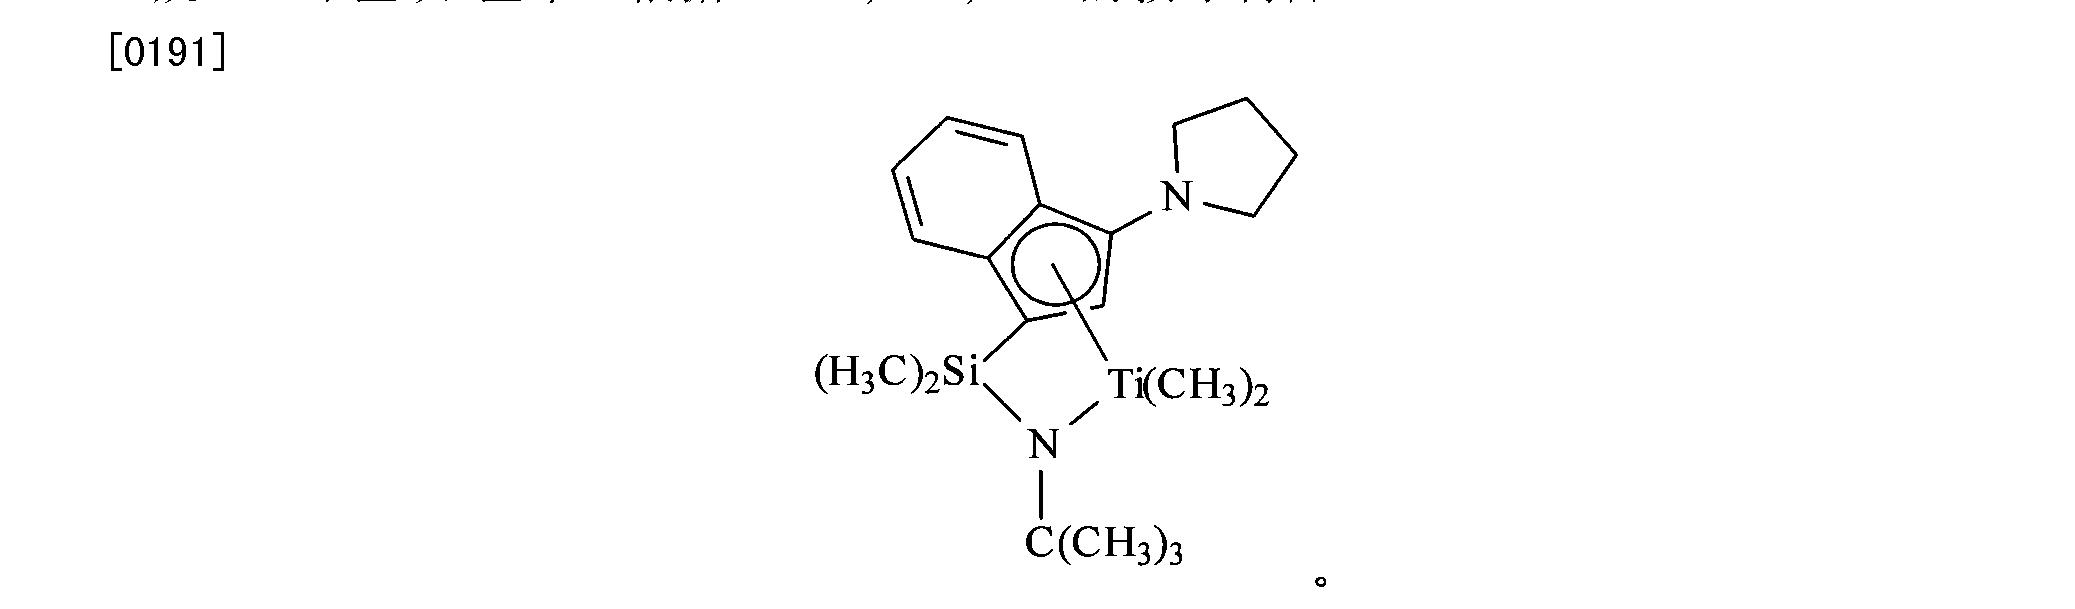 Figure CN102015874BD00212